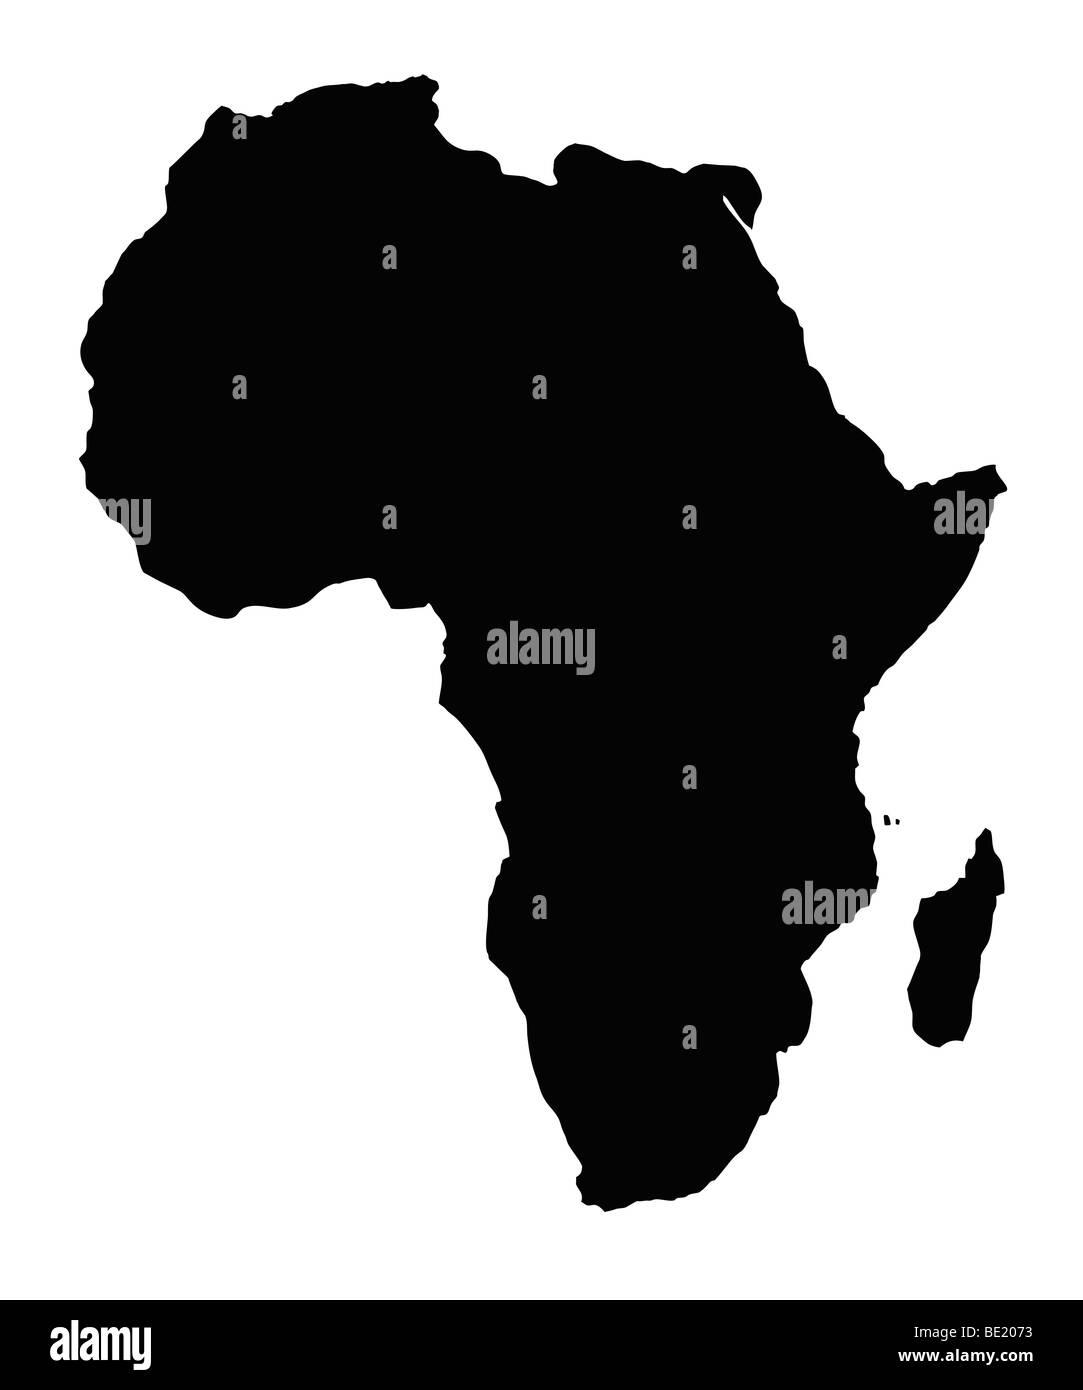 Karte des afrikanischen Kontinents, isoliert auf weißem Hintergrund. Stockbild